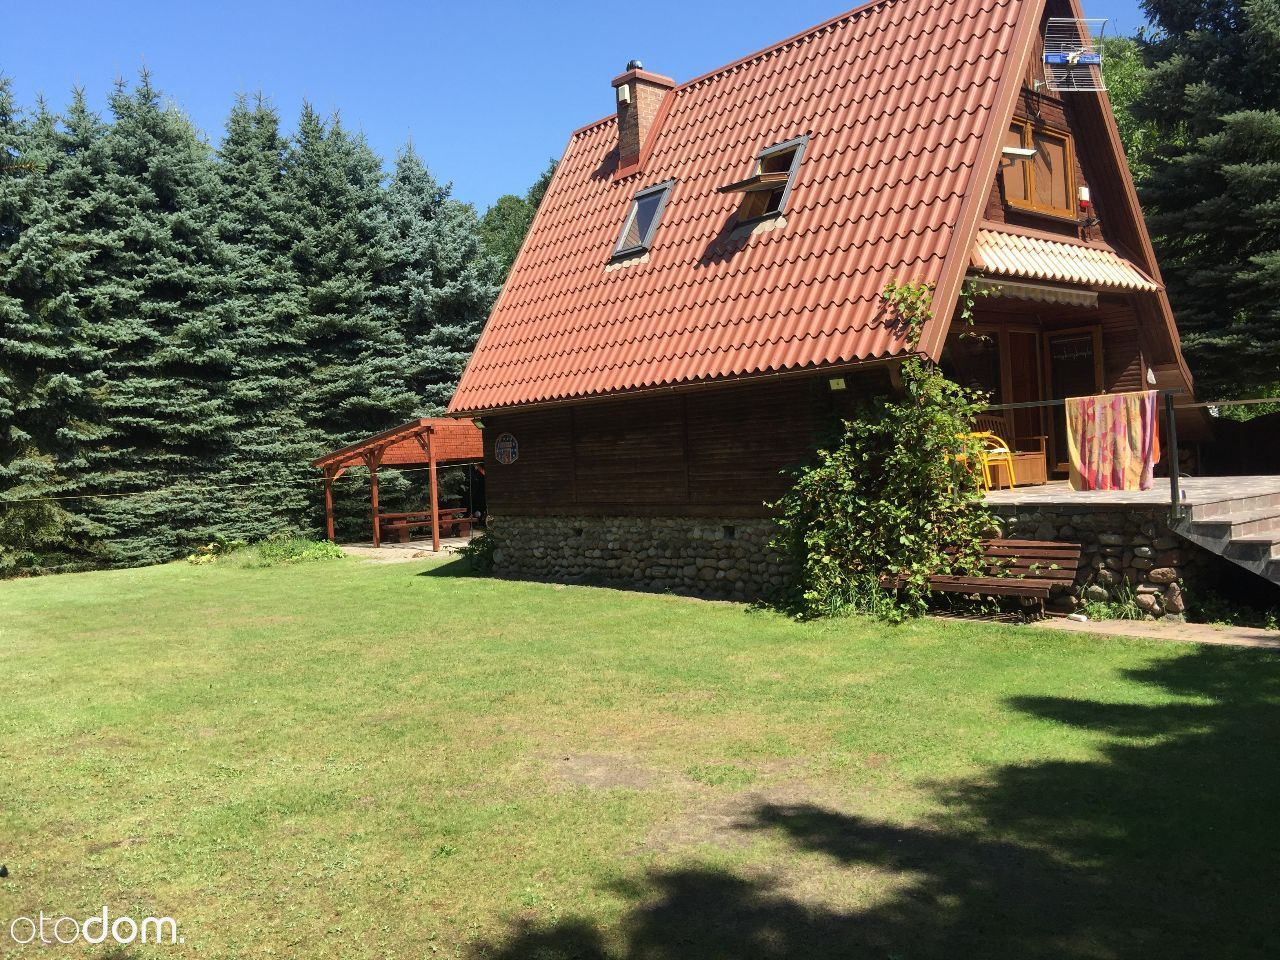 Dom na sprzedaż, Arciechów, wołomiński, mazowieckie - Foto 1